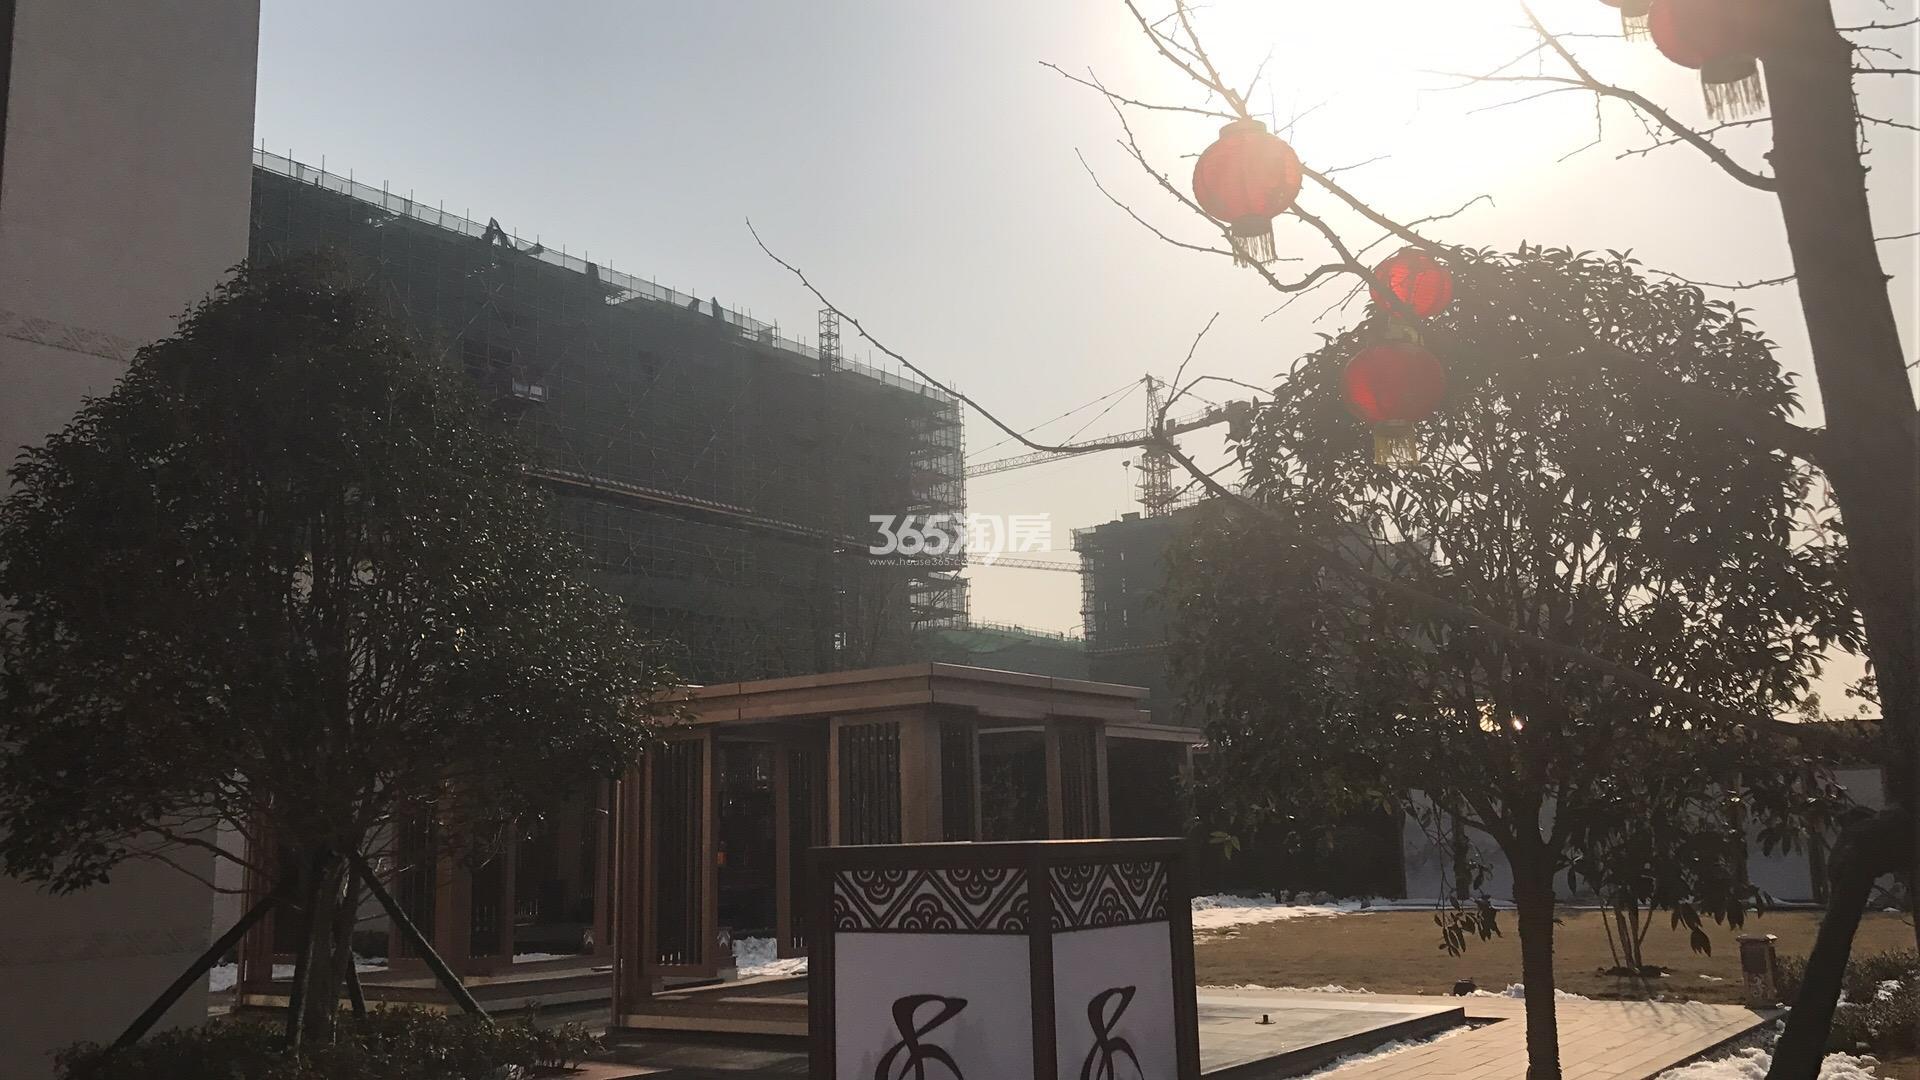 江山薈4号楼实景图(2.22)